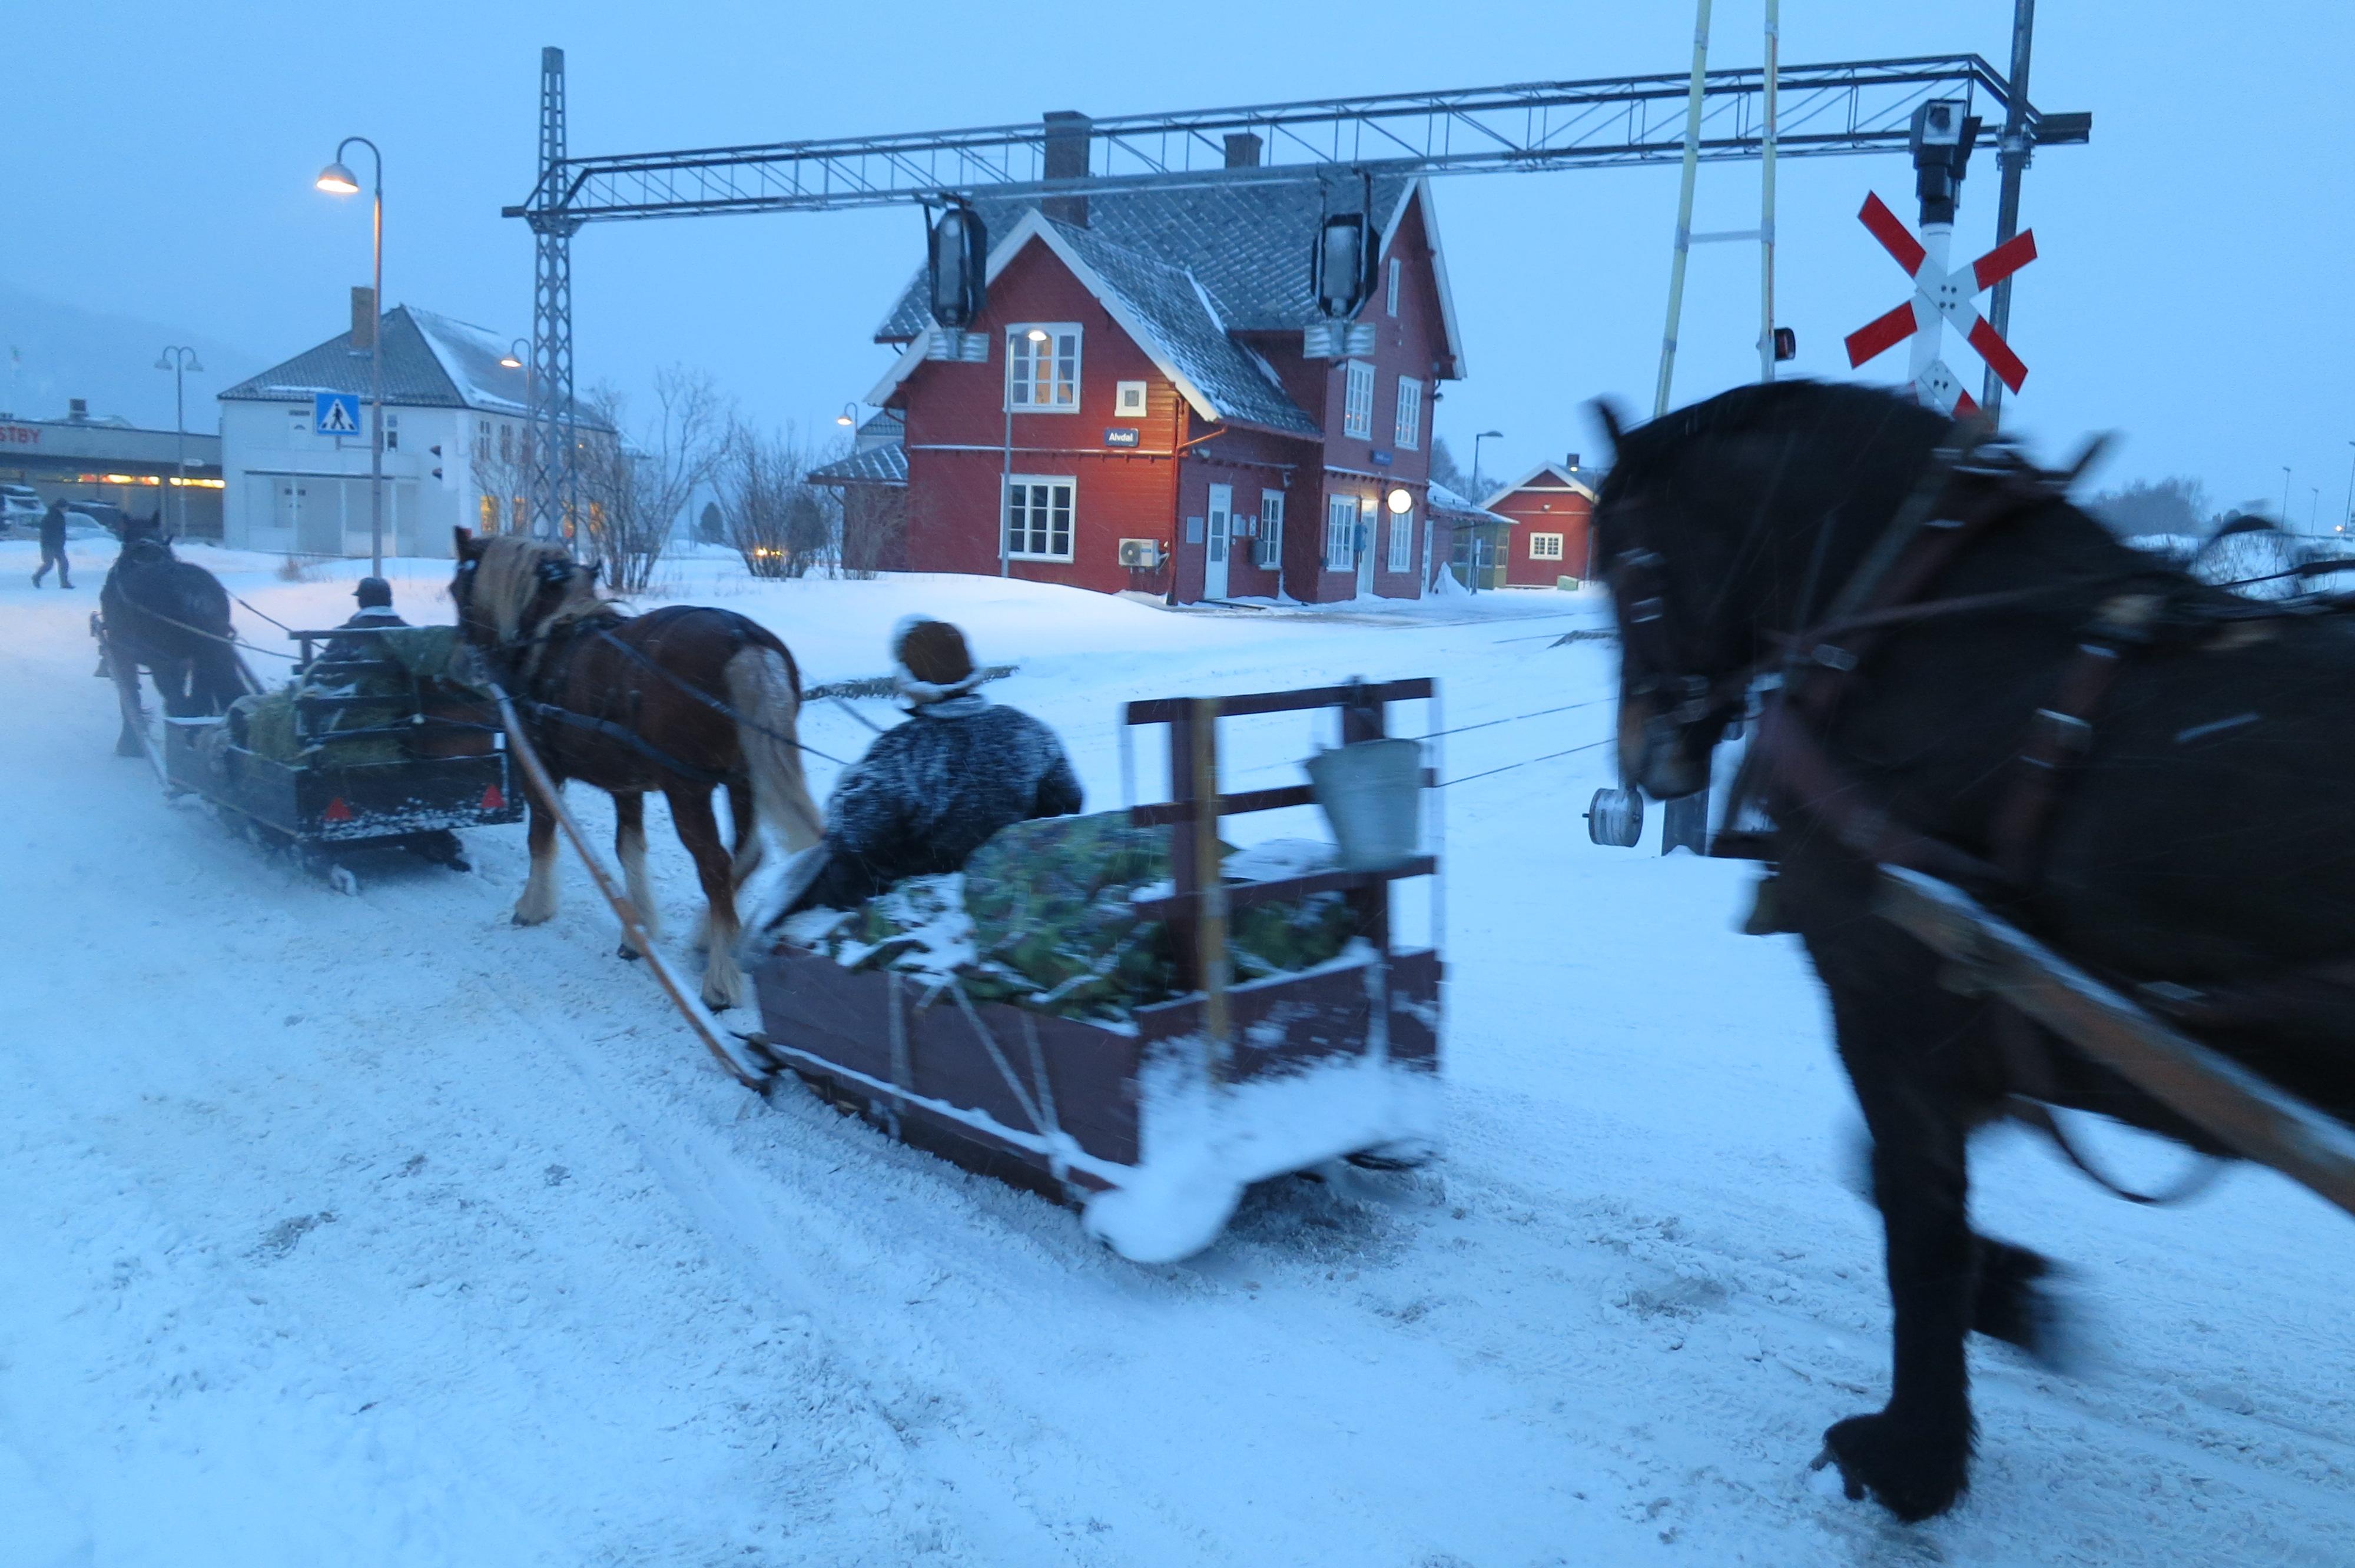 Her gjelder det å komme seg kjapt over. Passering av toglinja på Alvdal stasjon. Foto: Karine Bogsti